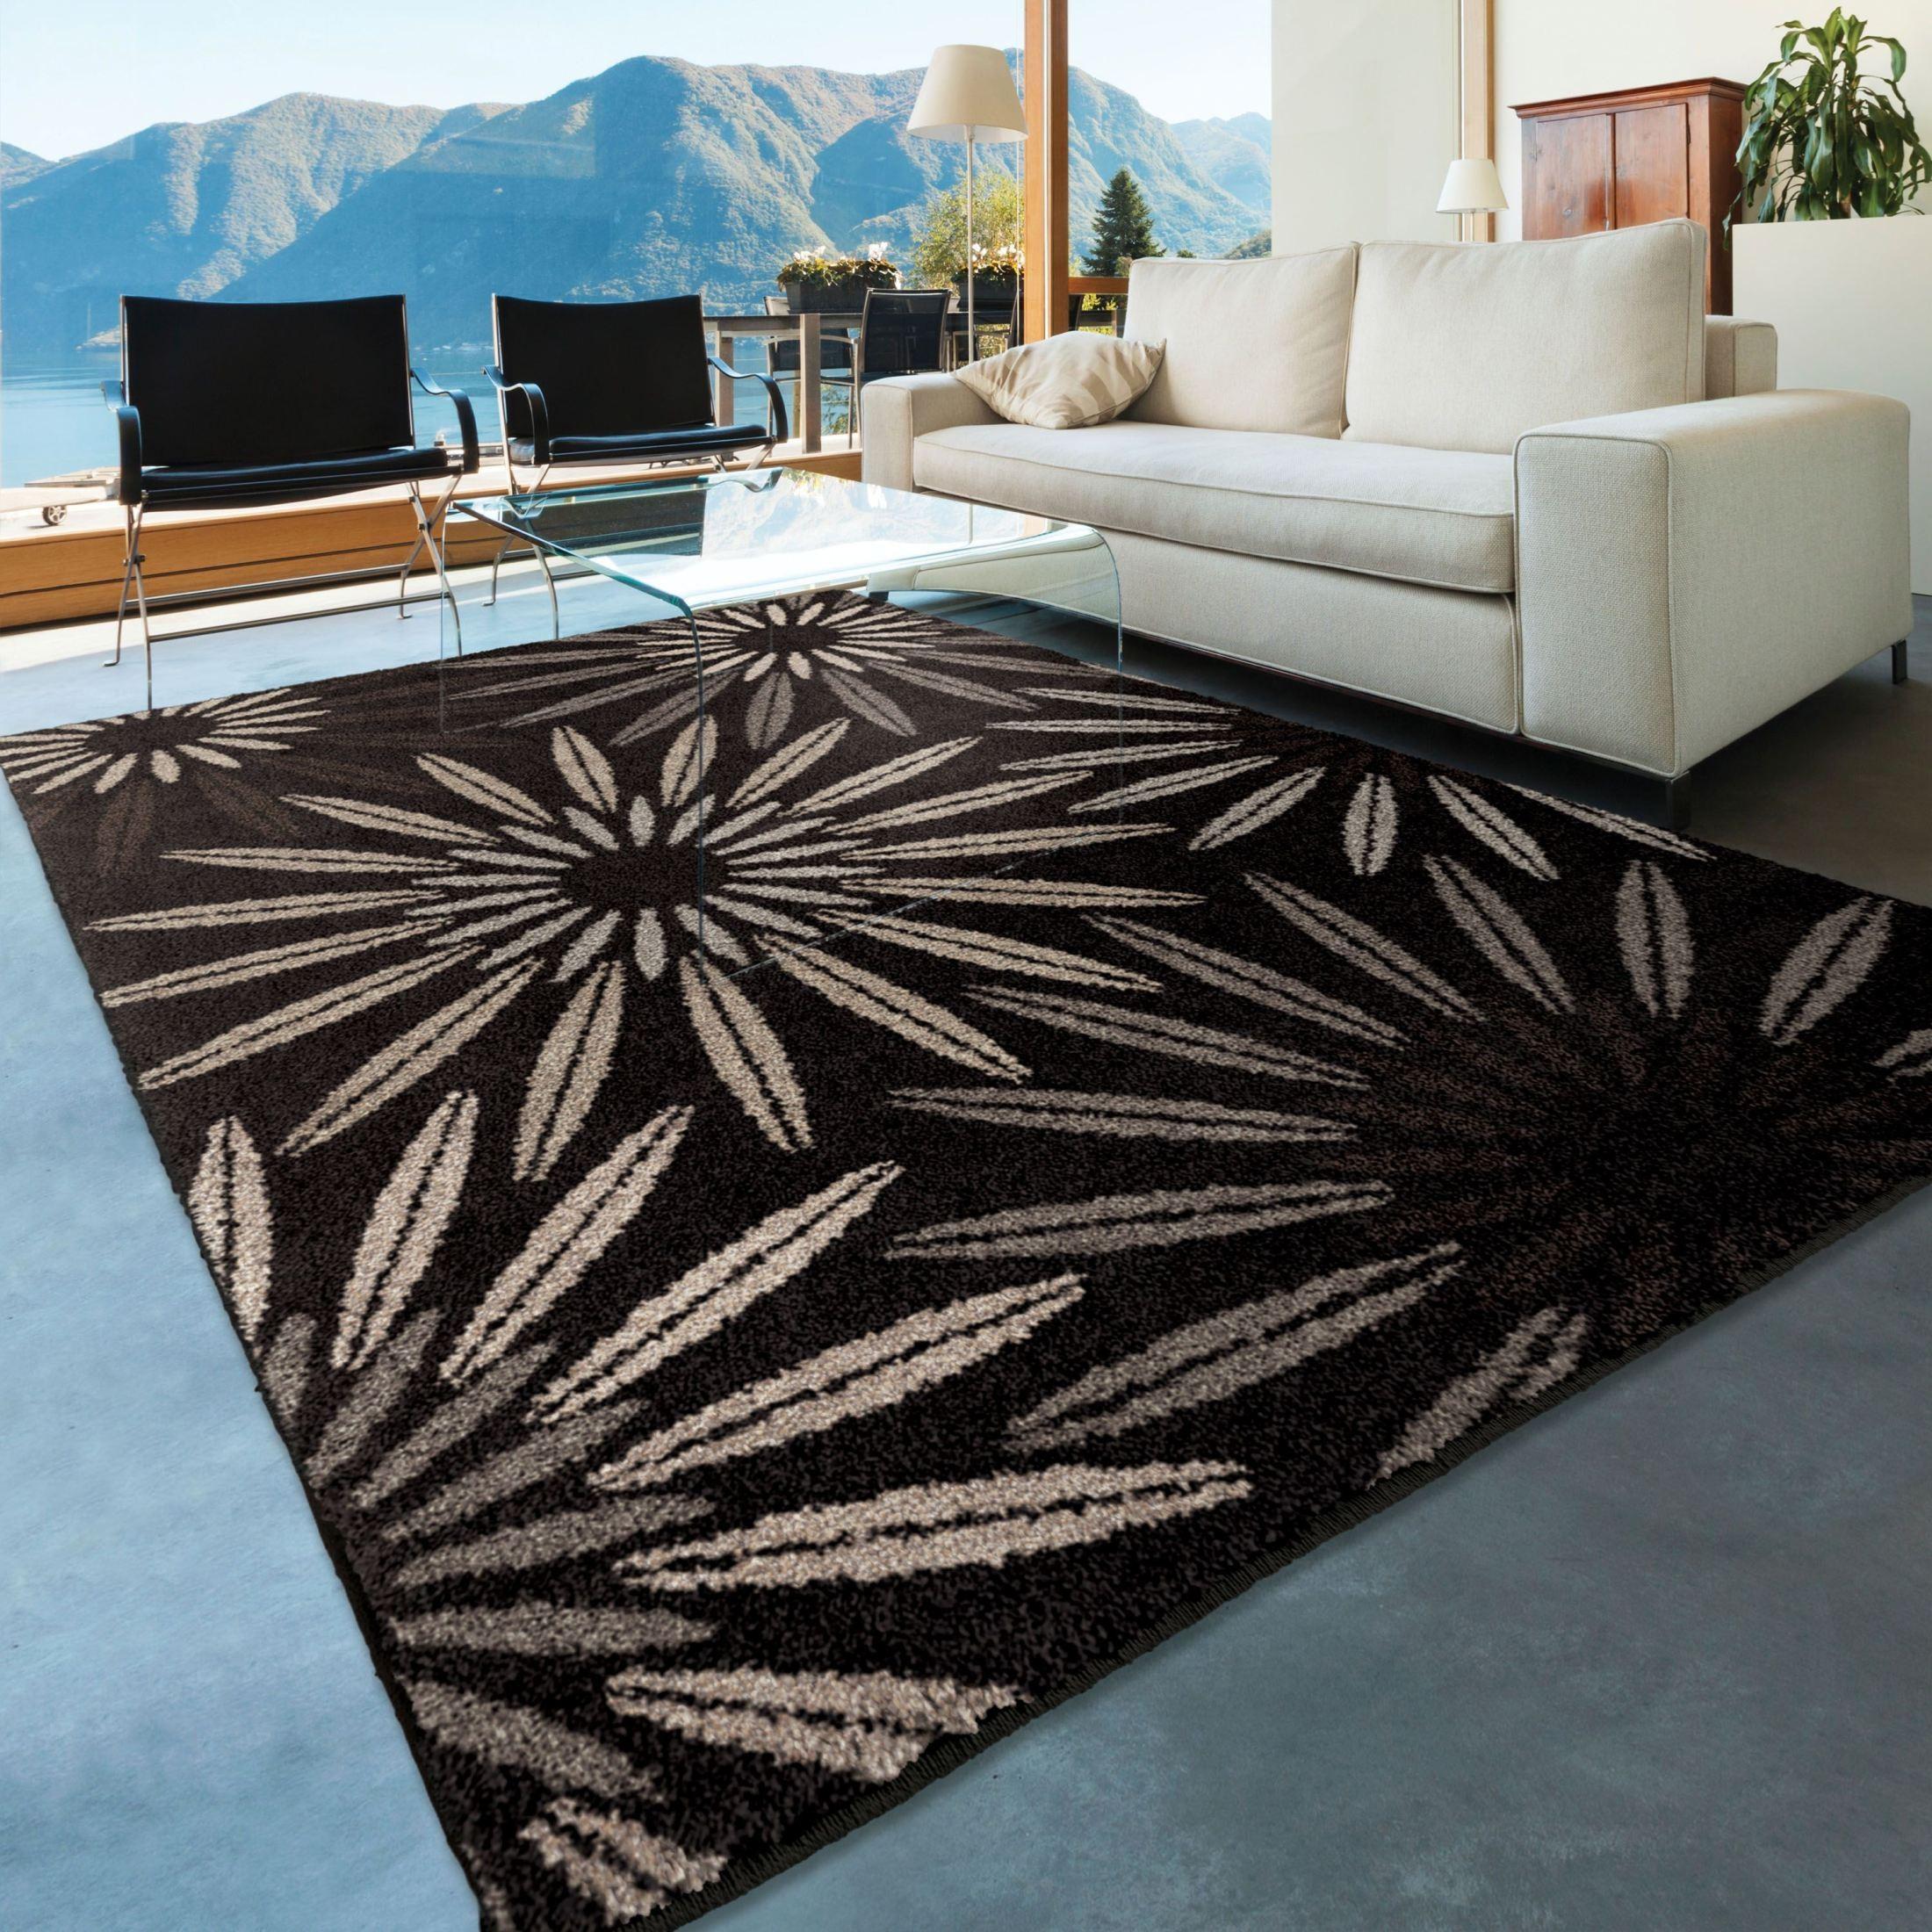 orian rugs floral floral halley black area large rug 4305. Black Bedroom Furniture Sets. Home Design Ideas